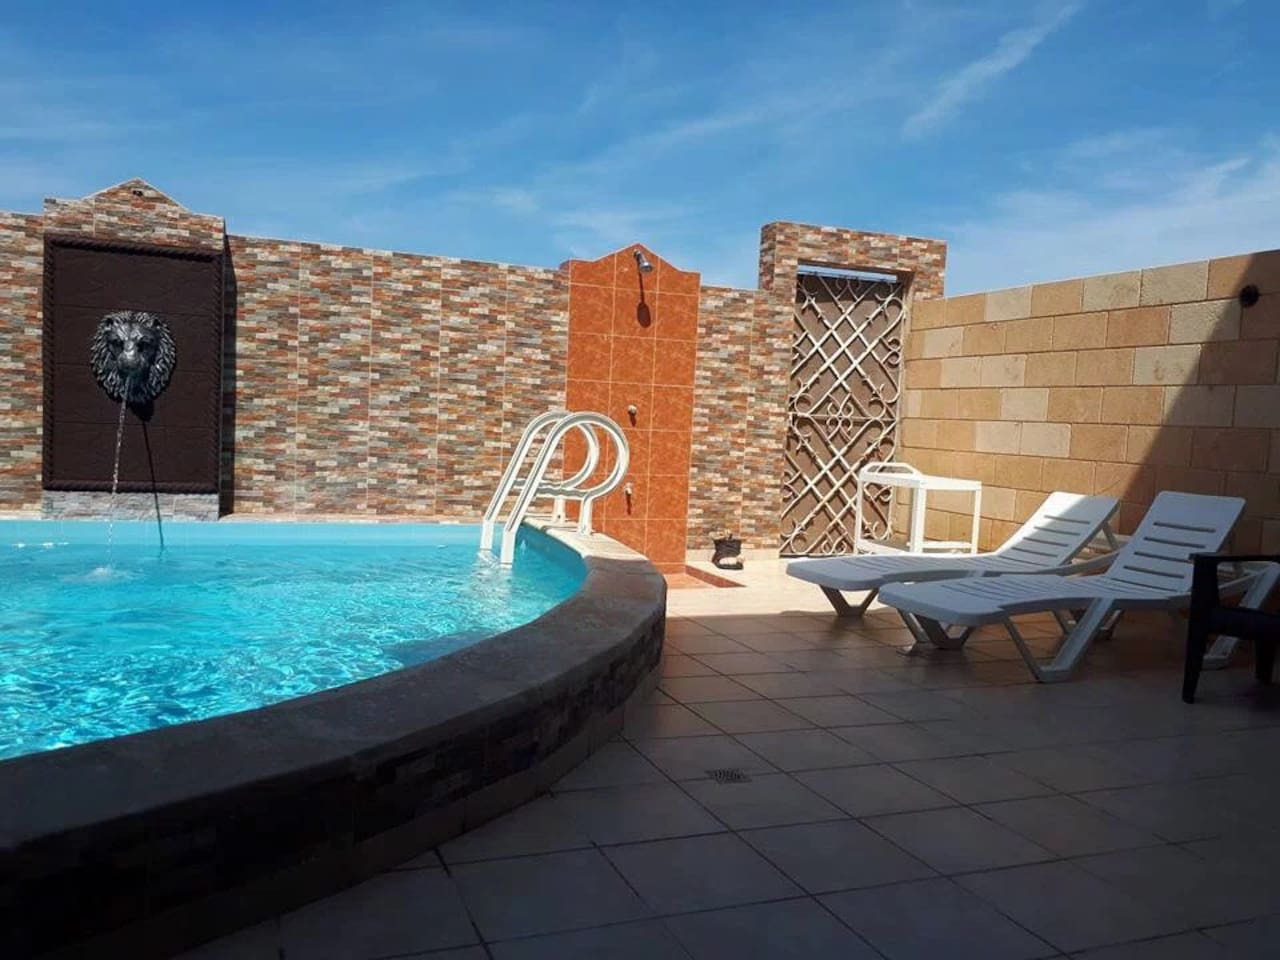 Casa Oceanview 2 - Luxury & Amazing View photo 23408970